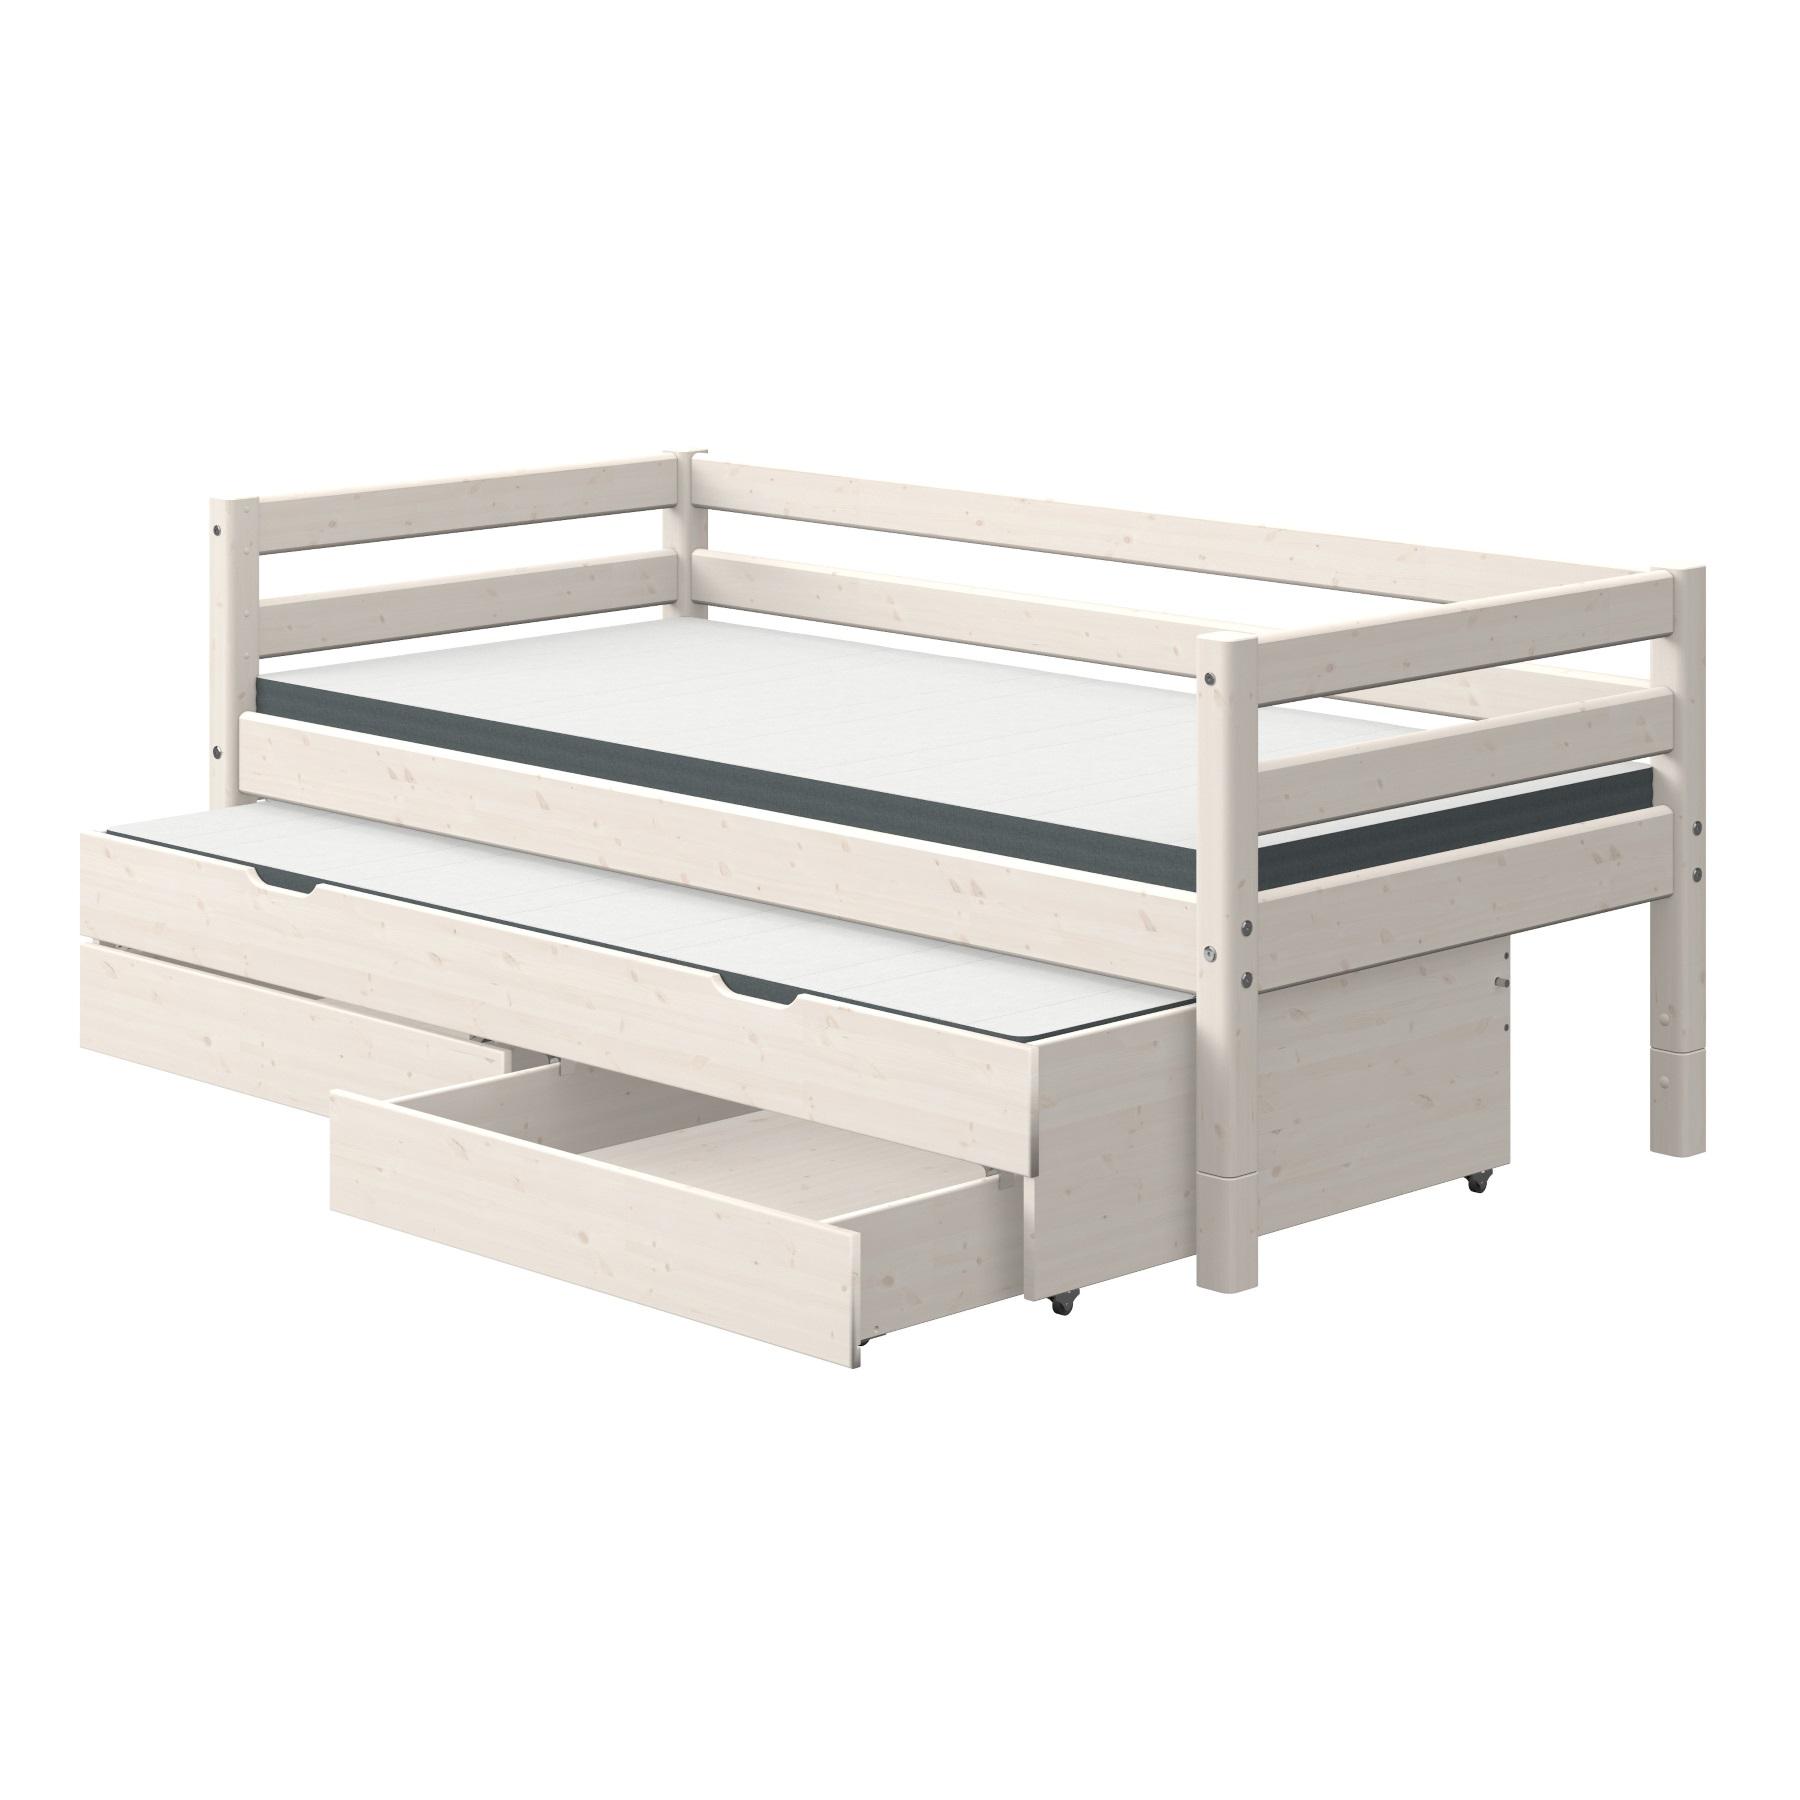 Säng vit 90 x 200 cm sänglådor utdragssäng, FLEXA CLASSIC